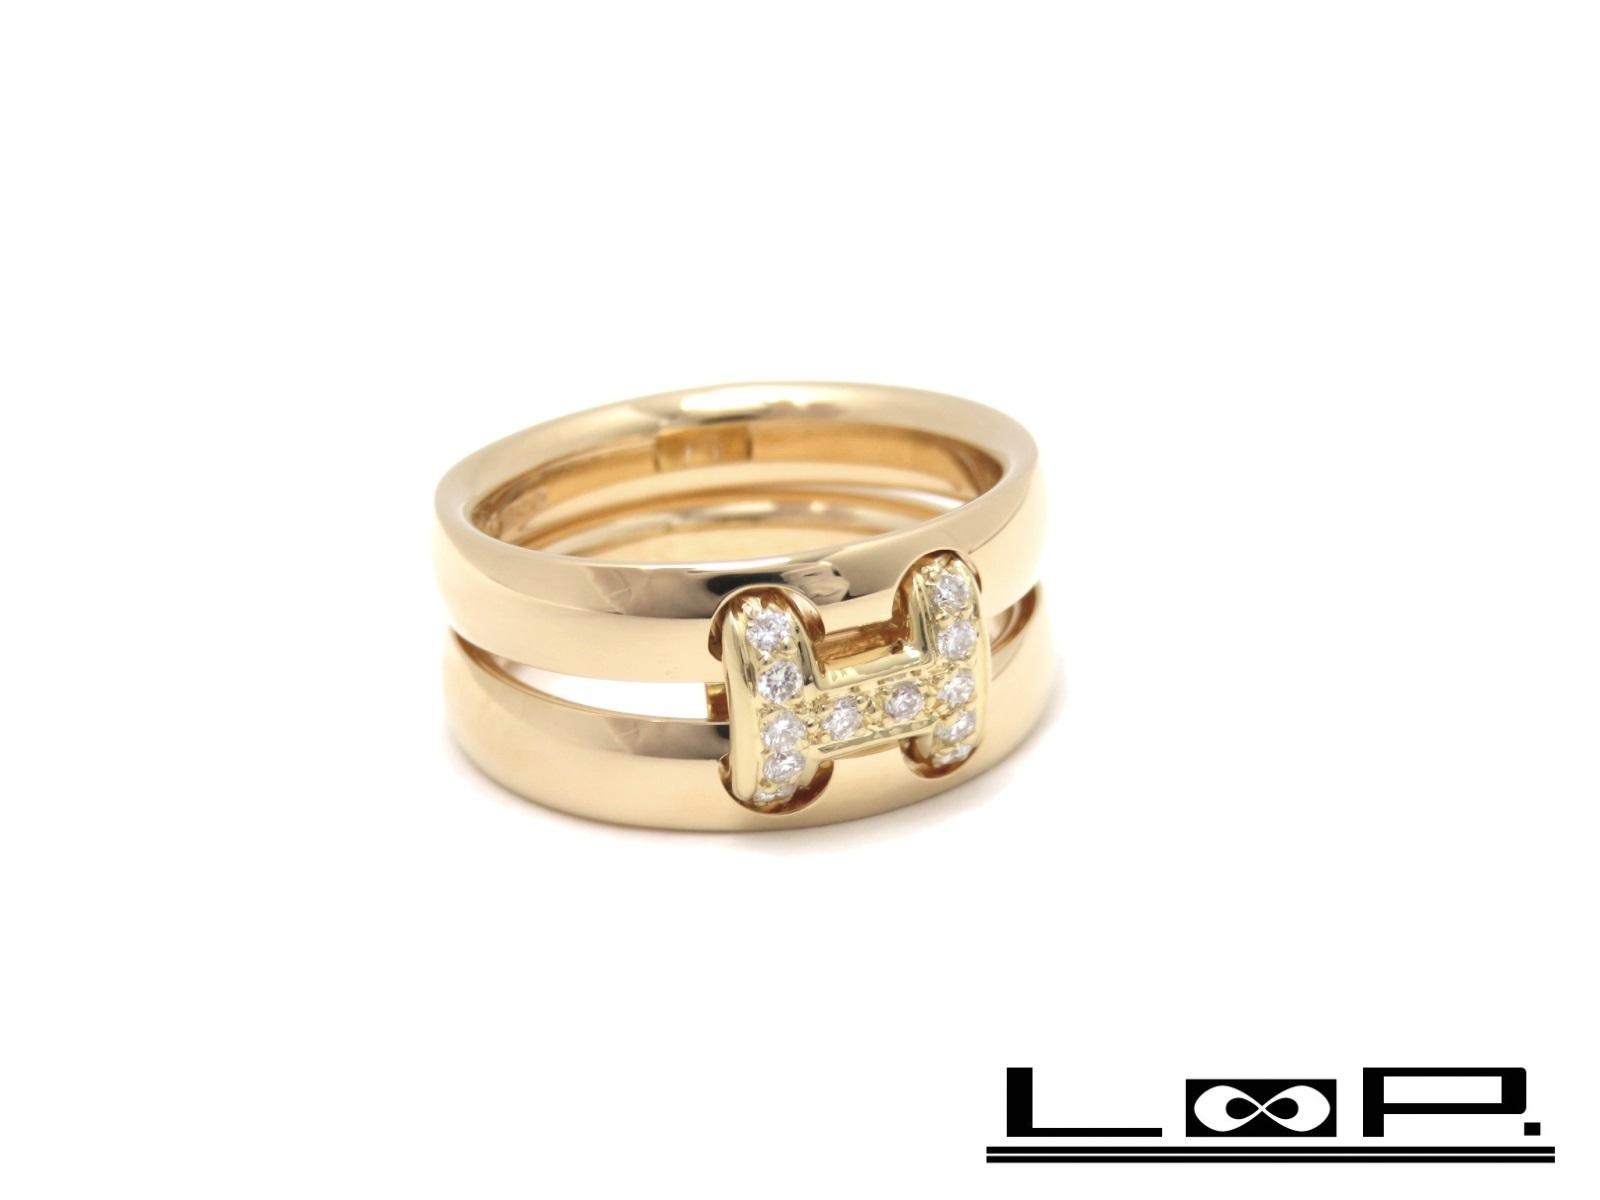 【磨き済 新同】 HERMES エルメス オランプ リング 指輪 アクセサリー ダイヤ ゴールド K18 YG 750 #53 【A30857】 【中古】